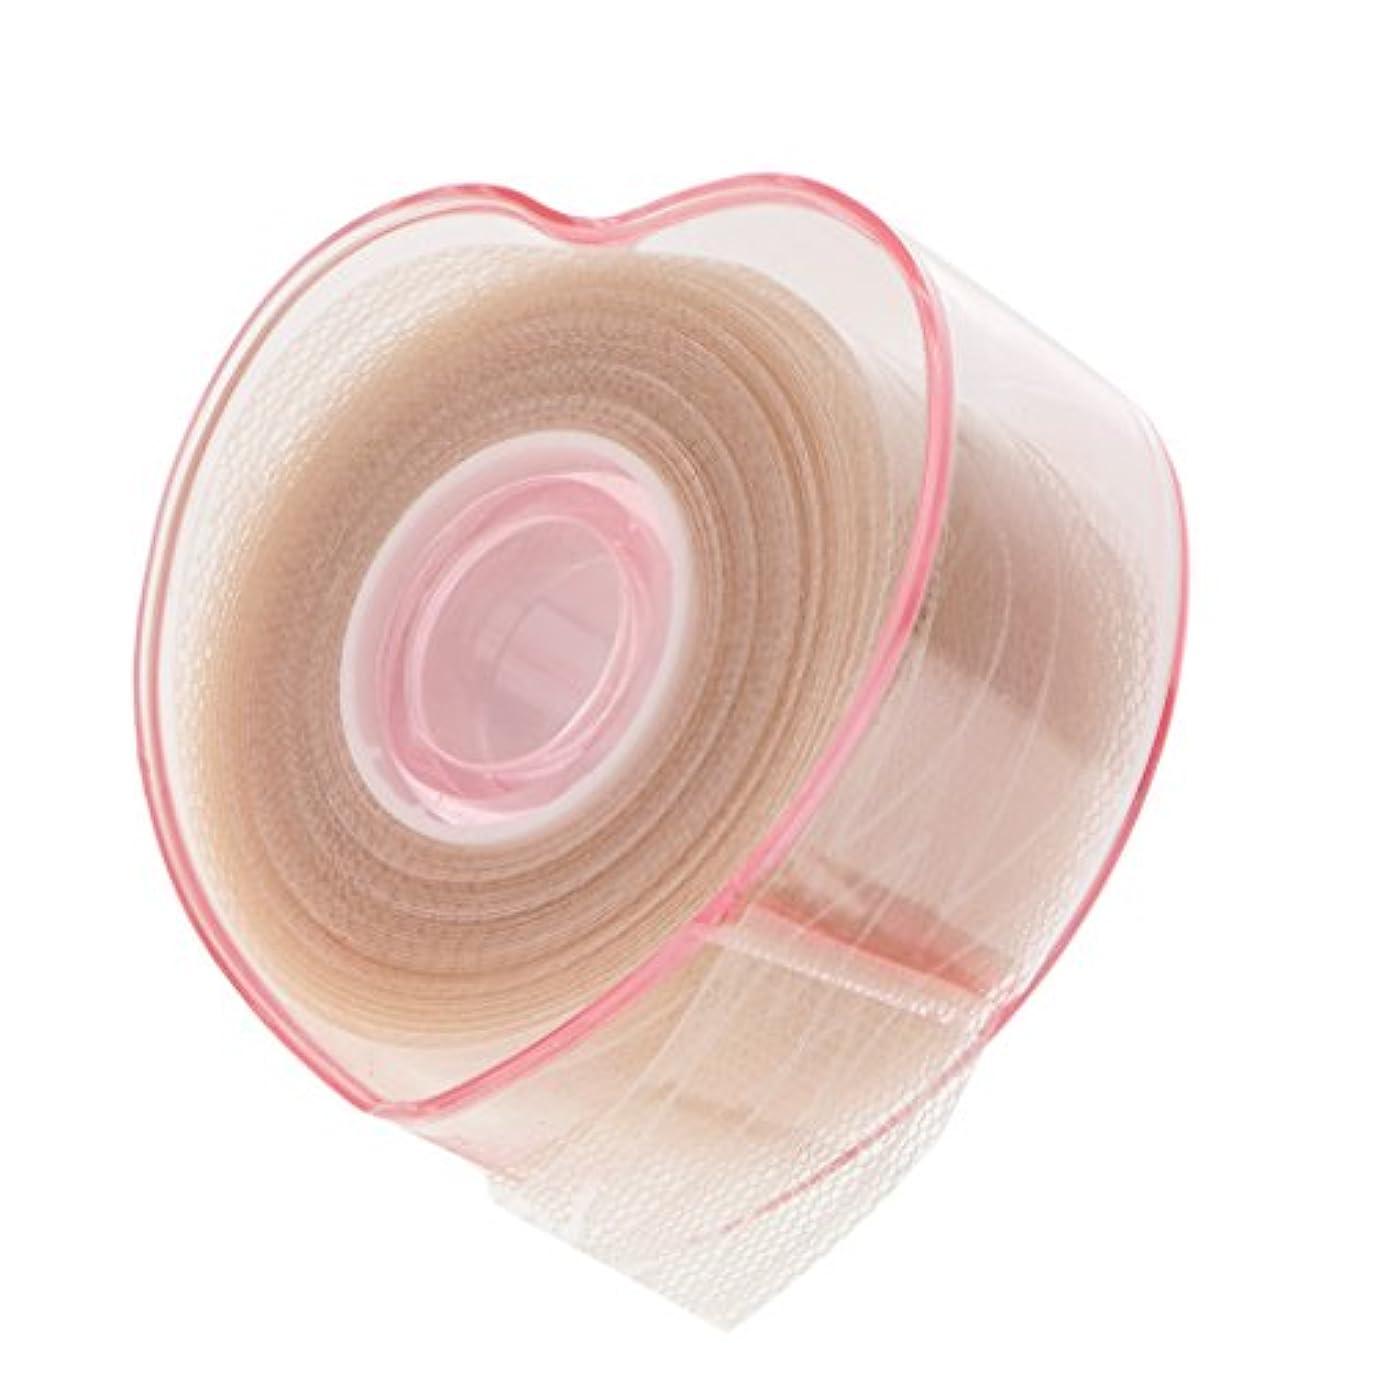 農奴回転するセッションToygogo 二重まぶたロール まつ毛テープ まつ毛ロール レース メッシュ 粘着性なし メイクアップ 4タイプ選べる - C